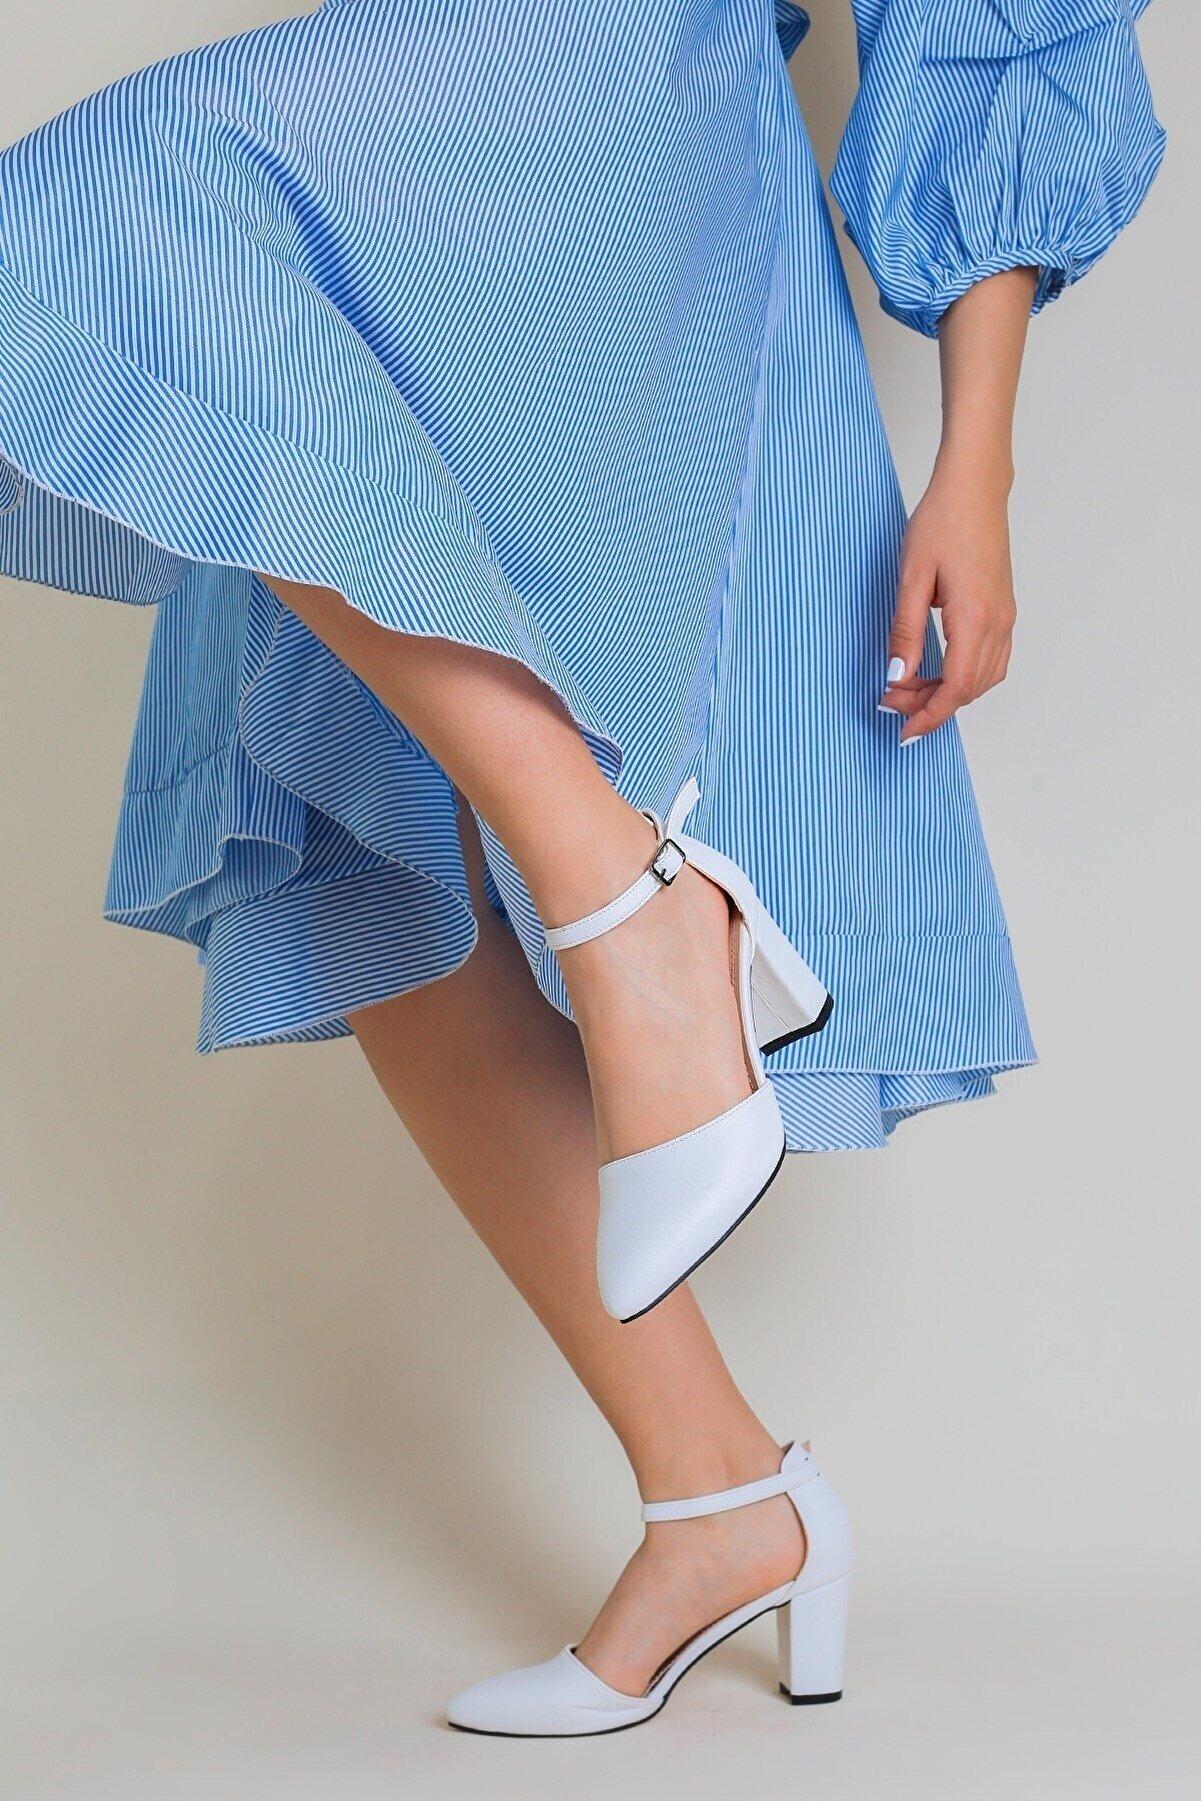 rpt ayakkabı Jamı Kadın Topuklu Açık Ayakkabı Cilt Beyaz